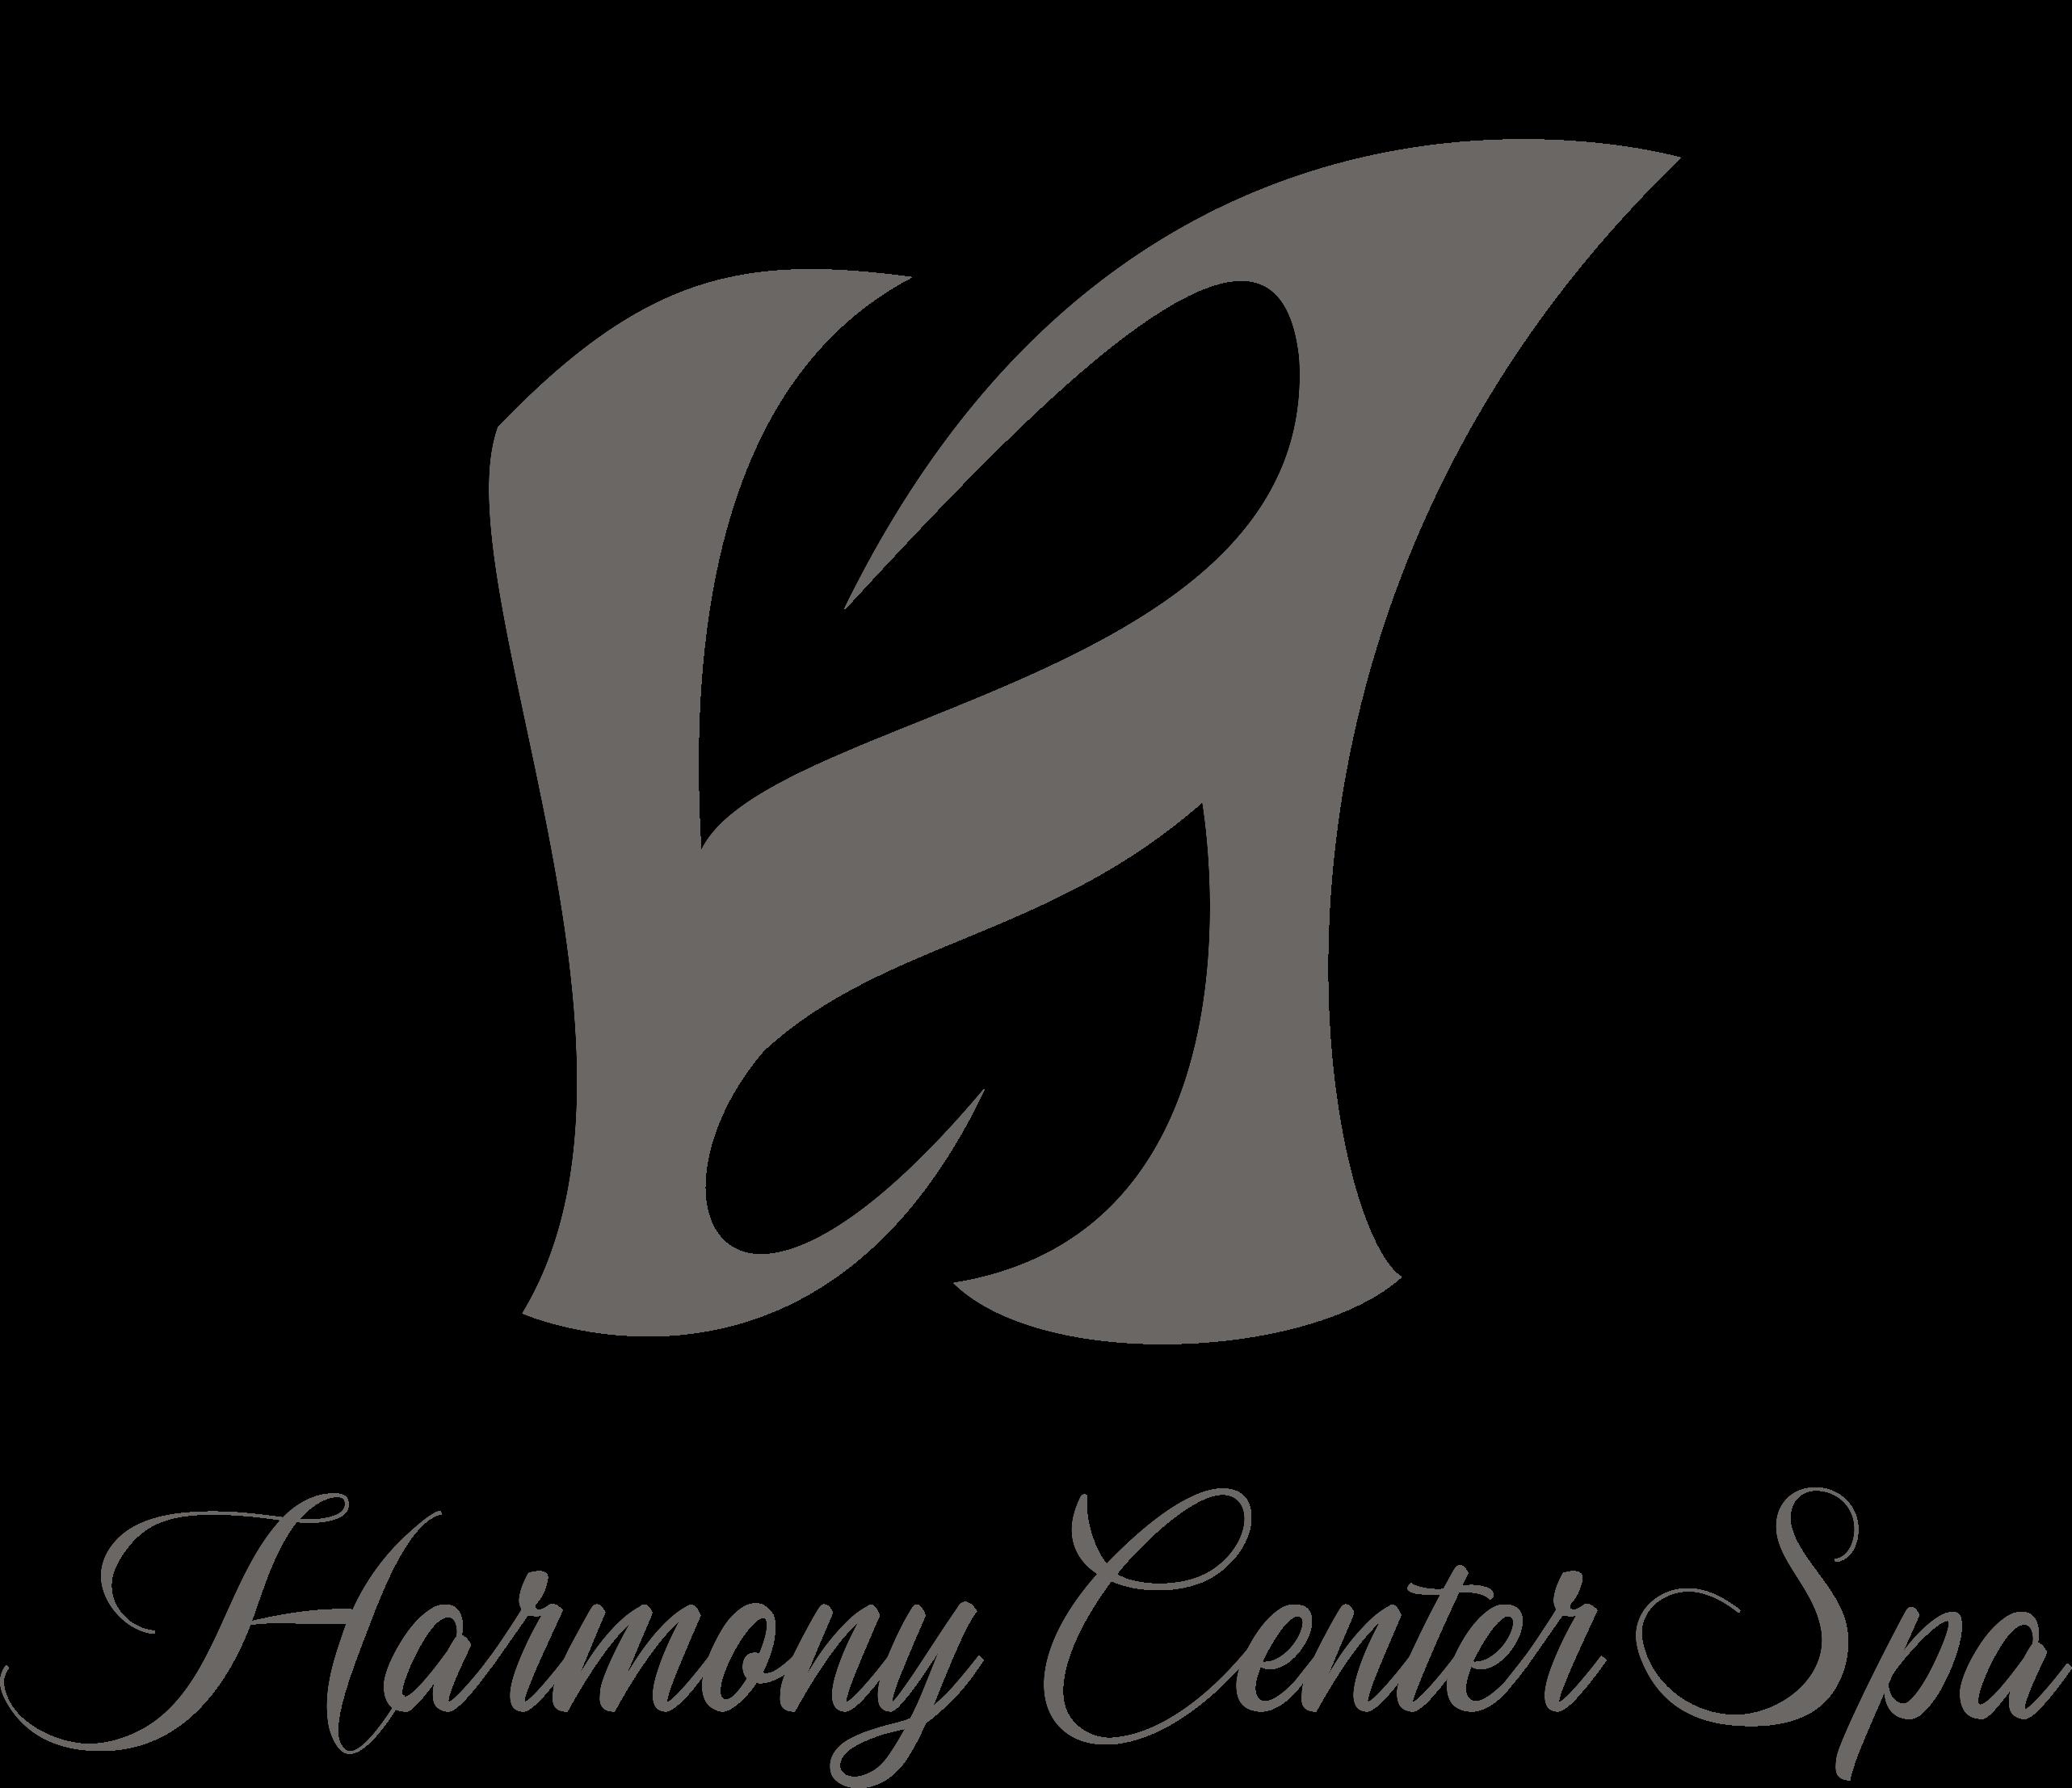 Harmony Center Spa